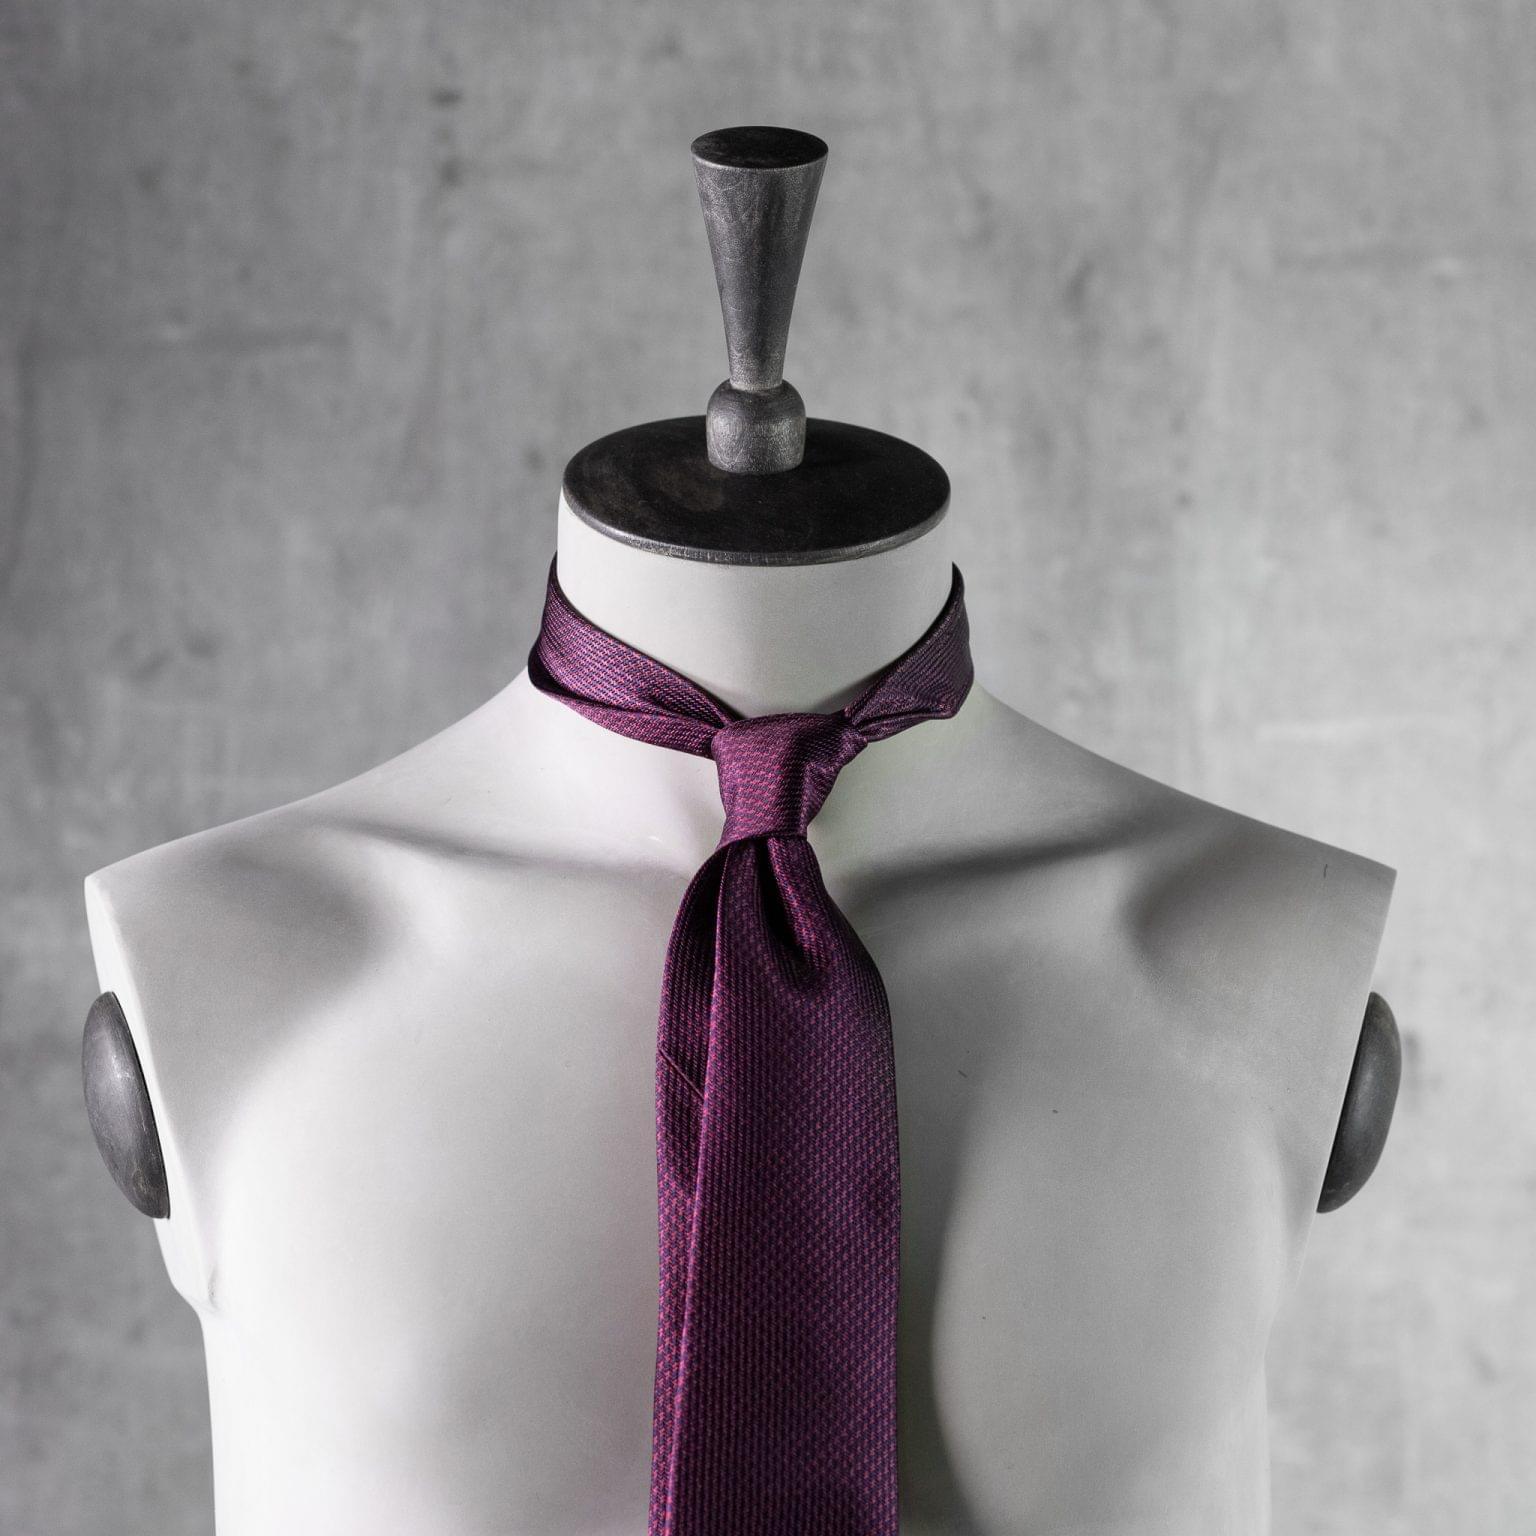 JACQUARD-0539-Tie-Initials-Corbata-Iniciales-The-Seelk-3